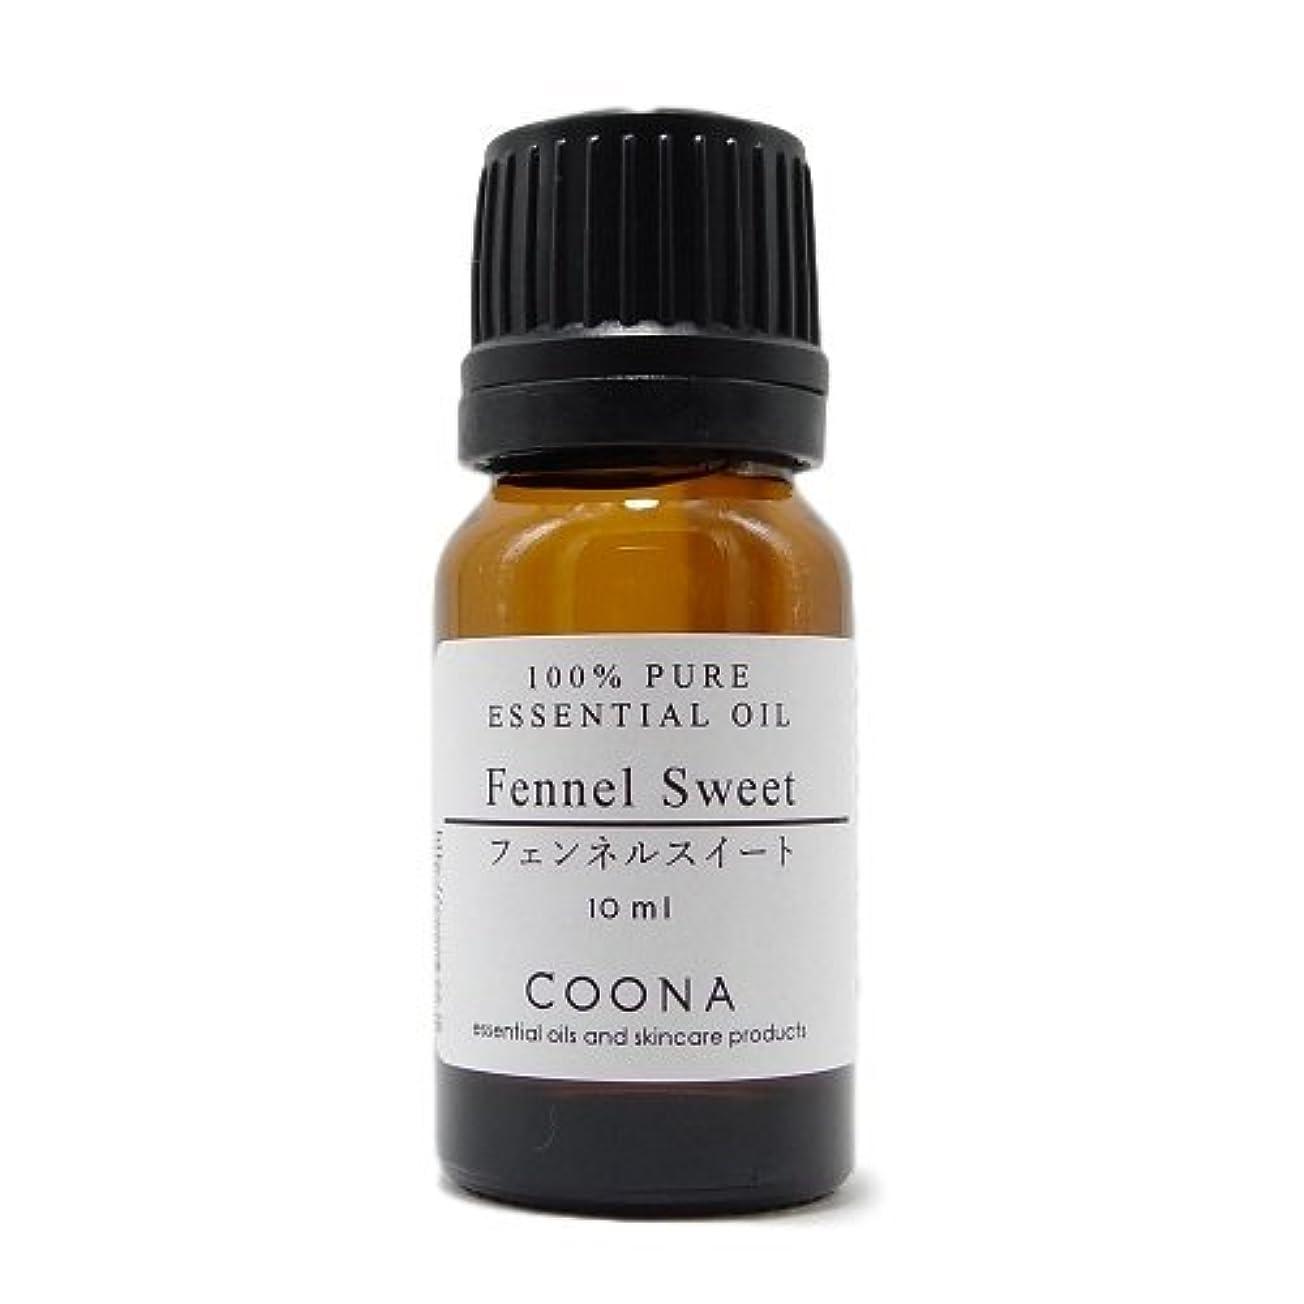 受動的熟した笑いフェンネル スイート 10 ml (COONA エッセンシャルオイル アロマオイル 100%天然植物精油)